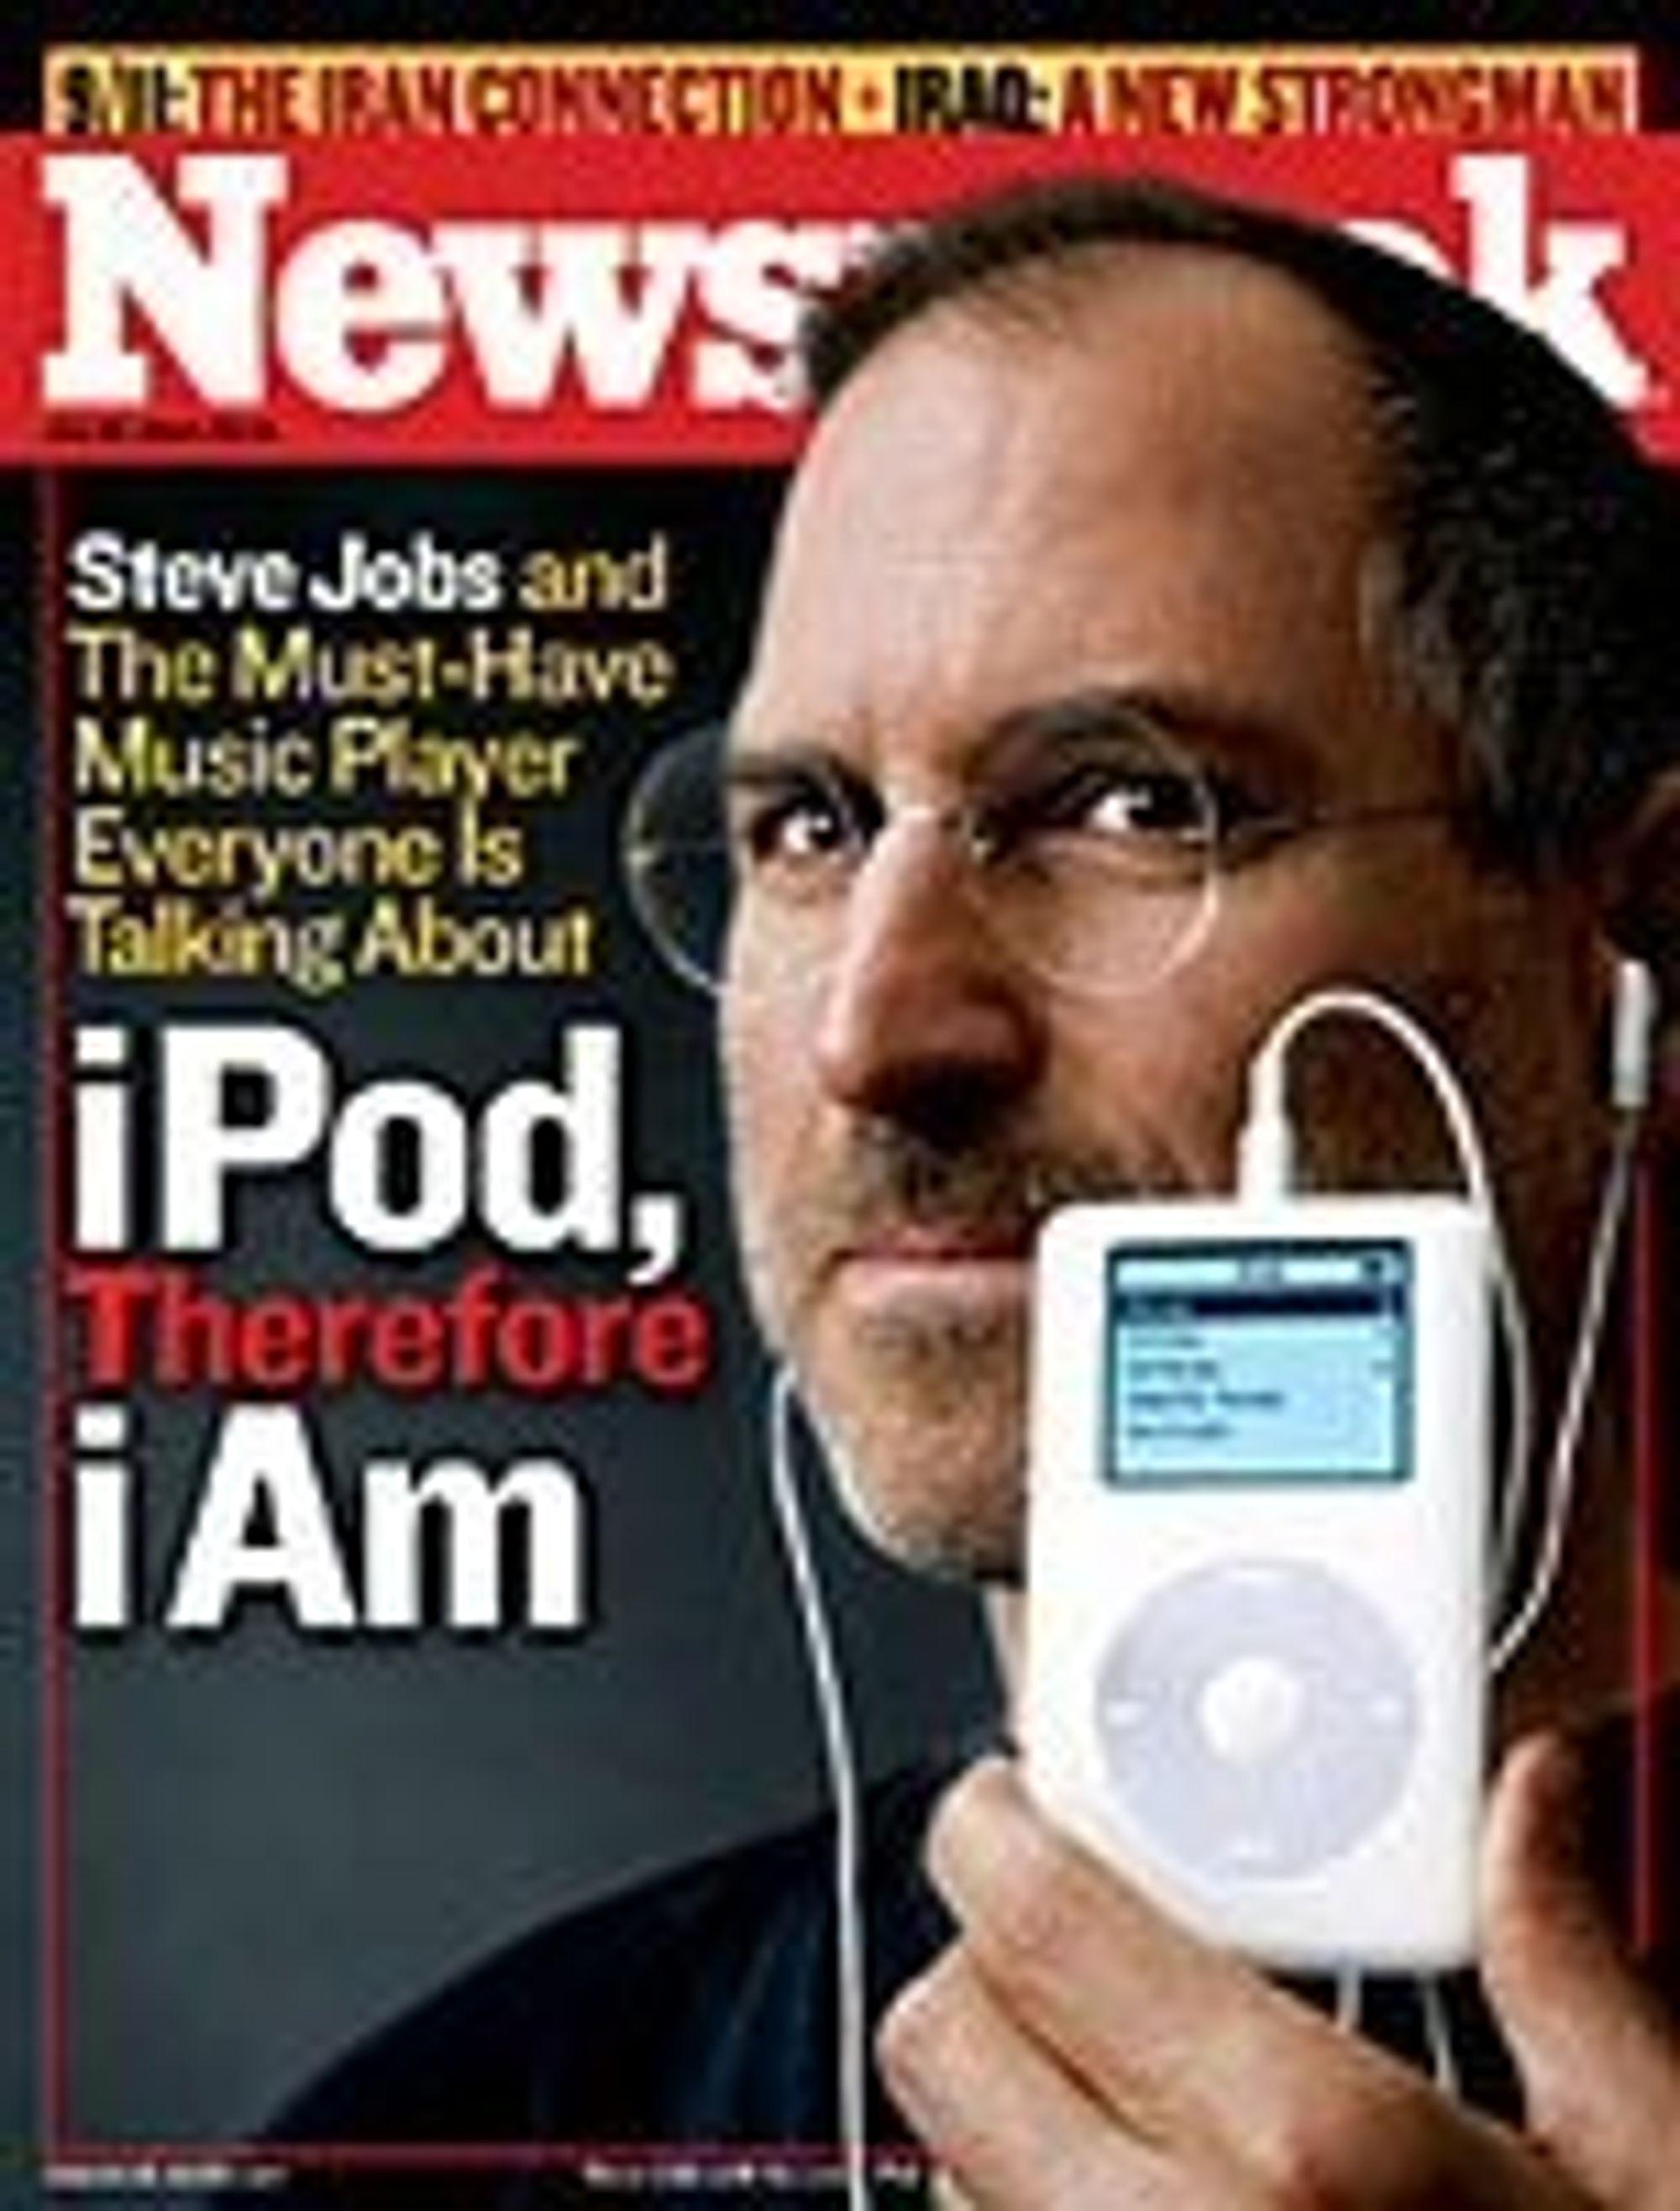 Forsiden av Newsweek 26. juli 2004.